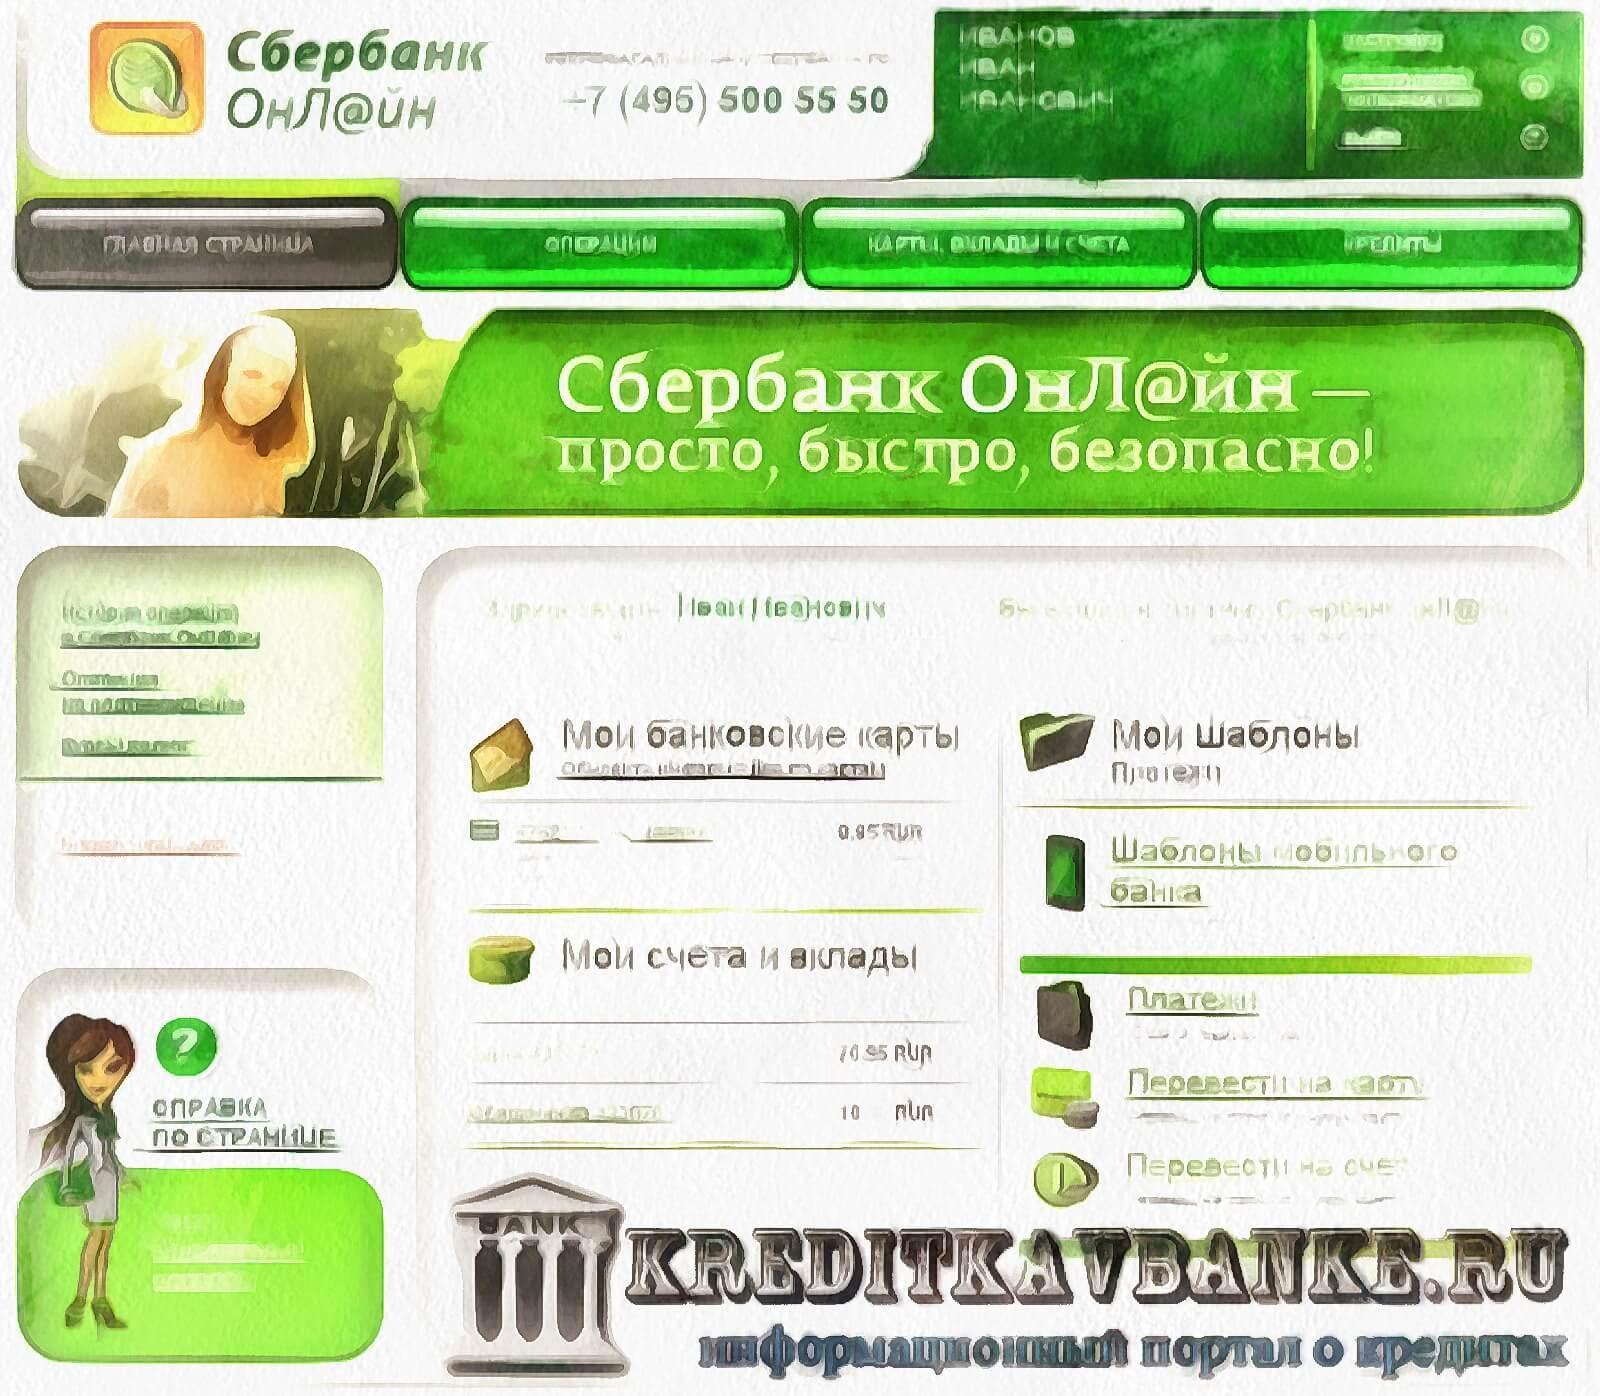 Акции по кредитам Сбербанка сегодня!